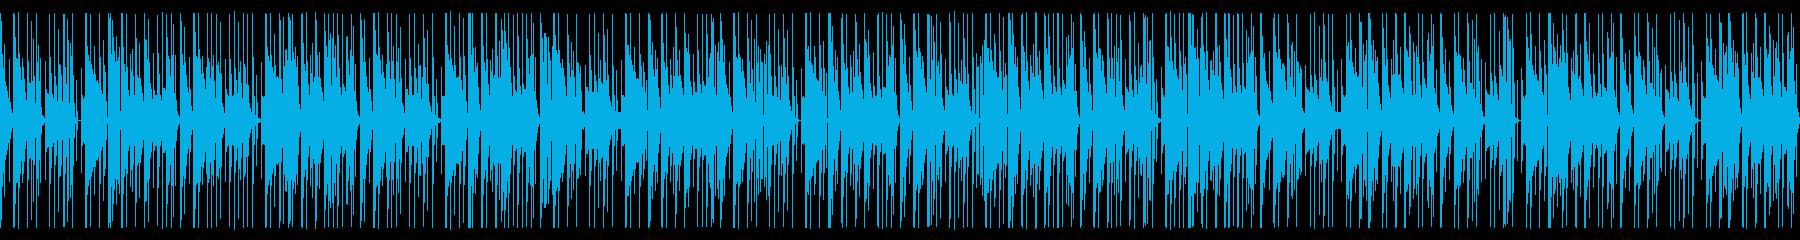 おもちゃ楽器を使ったコミカルなBGMの再生済みの波形